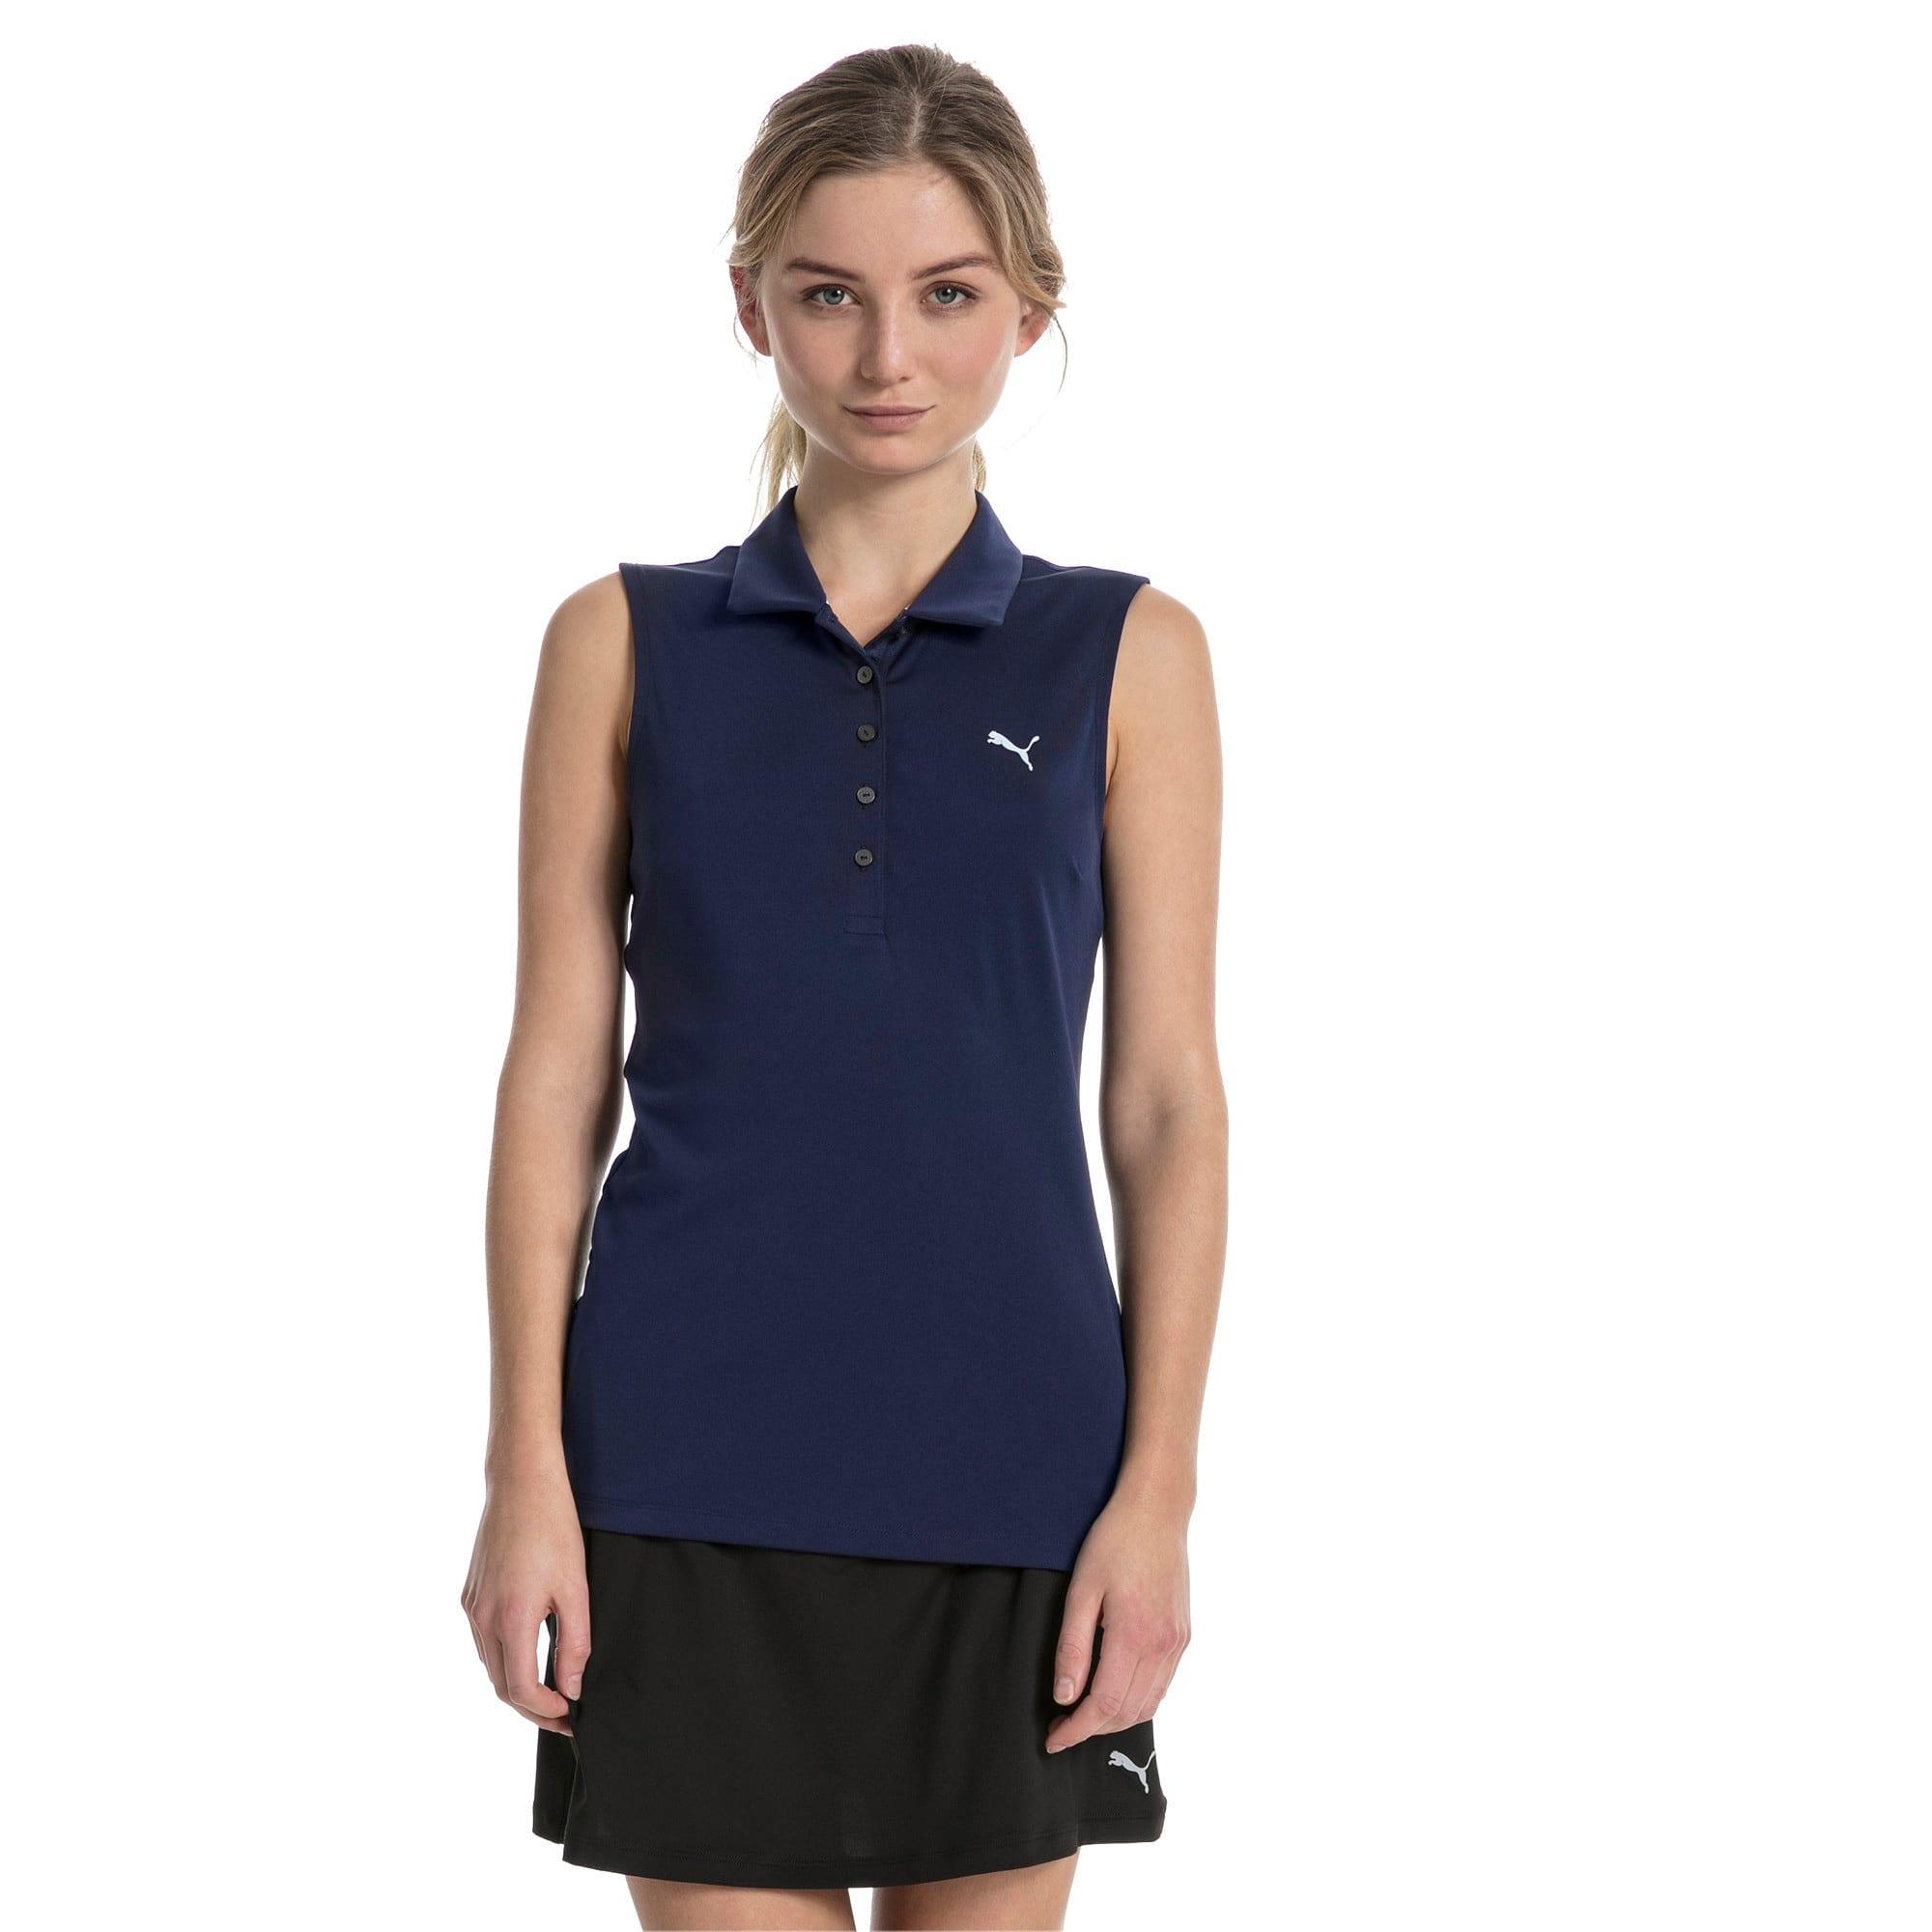 Thumbnail 1 of Golf Women's Pounce Sleeveless Polo, Peacoat, medium